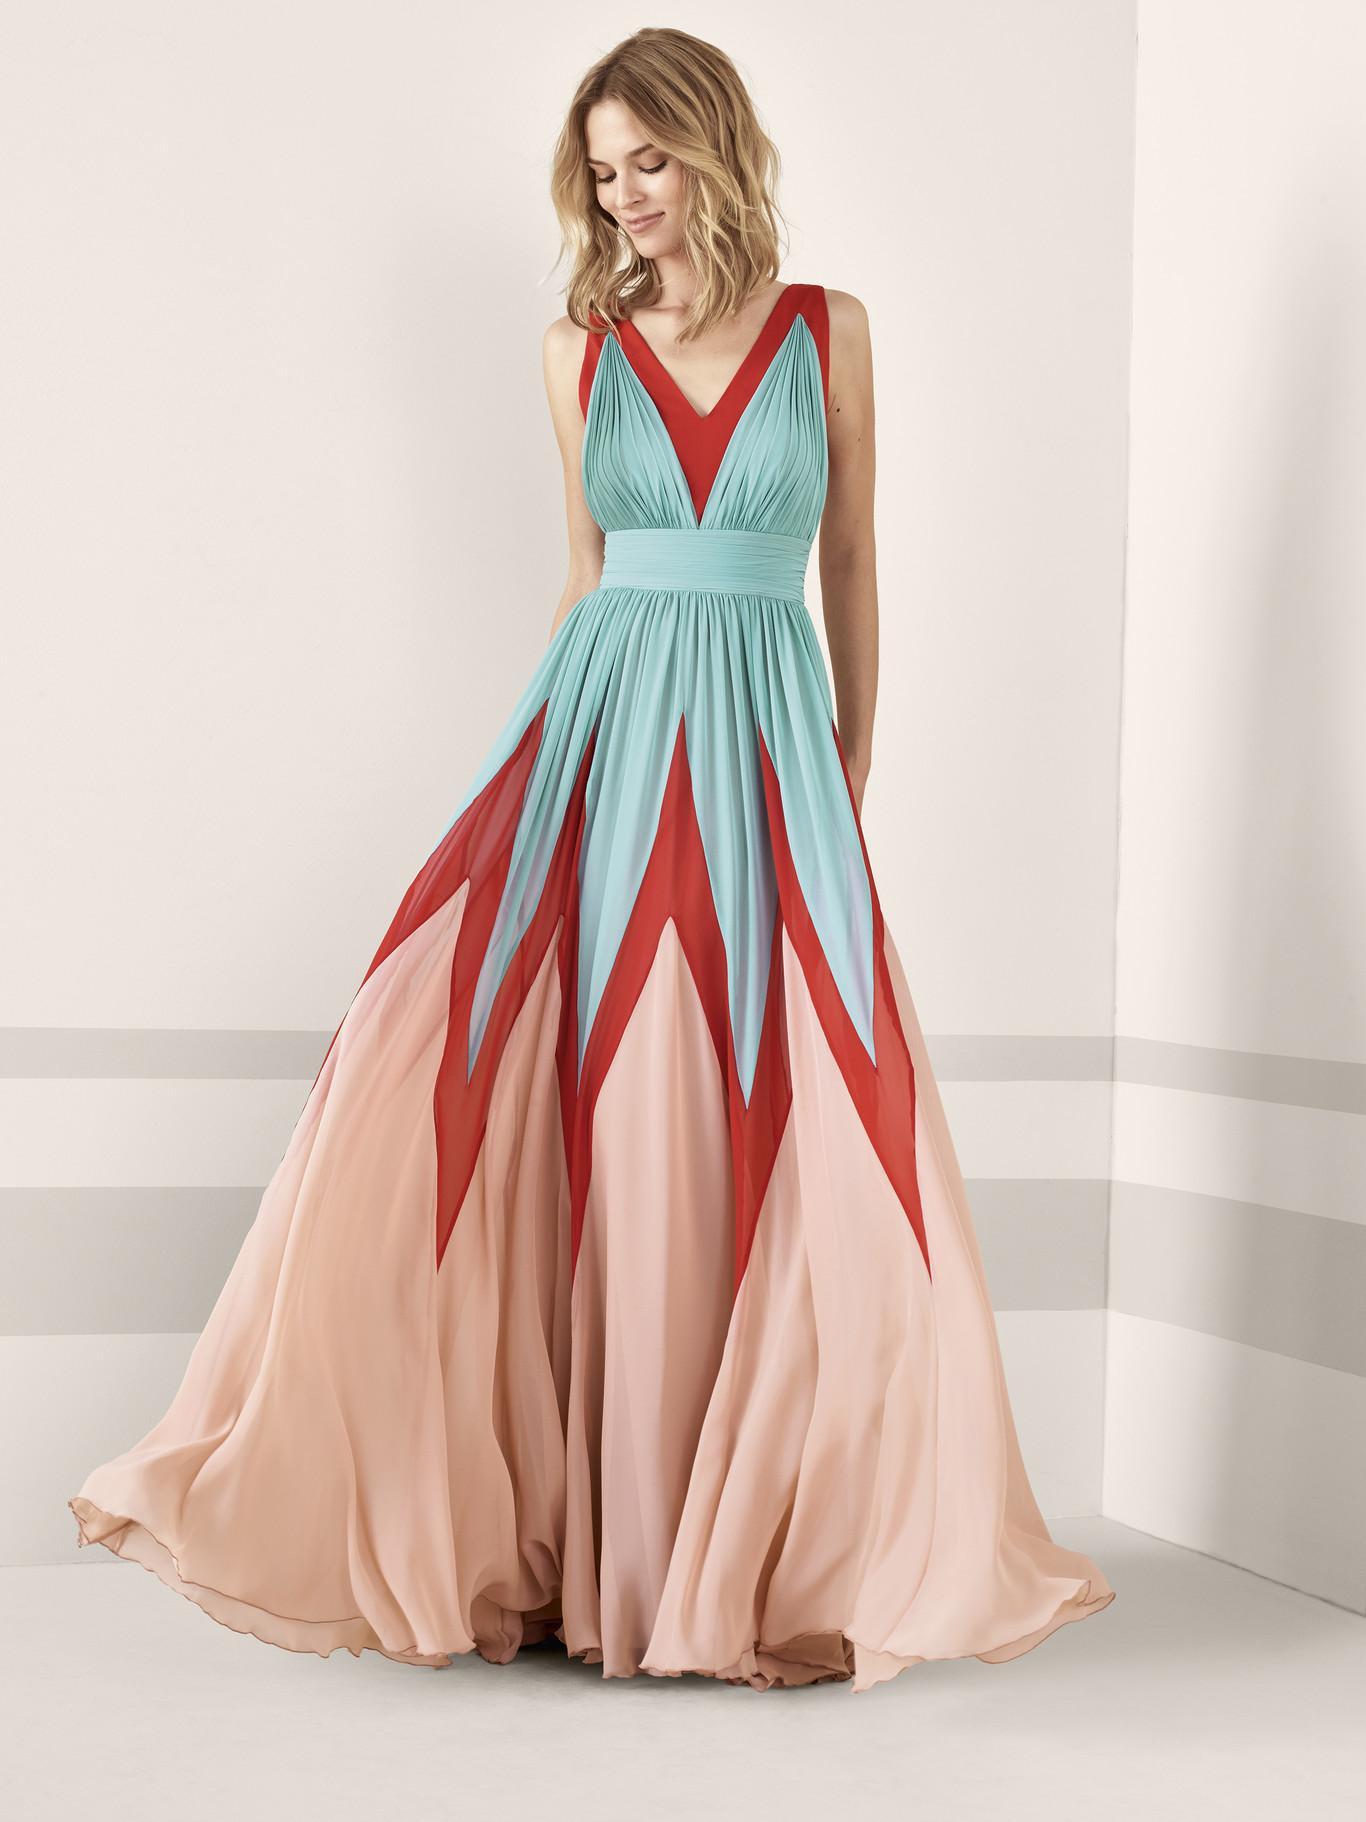 fd1a7ad2d4 Los 79 vestidos de fiesta de Pronovias colección 2019 con los que  deslumbrar como invitada